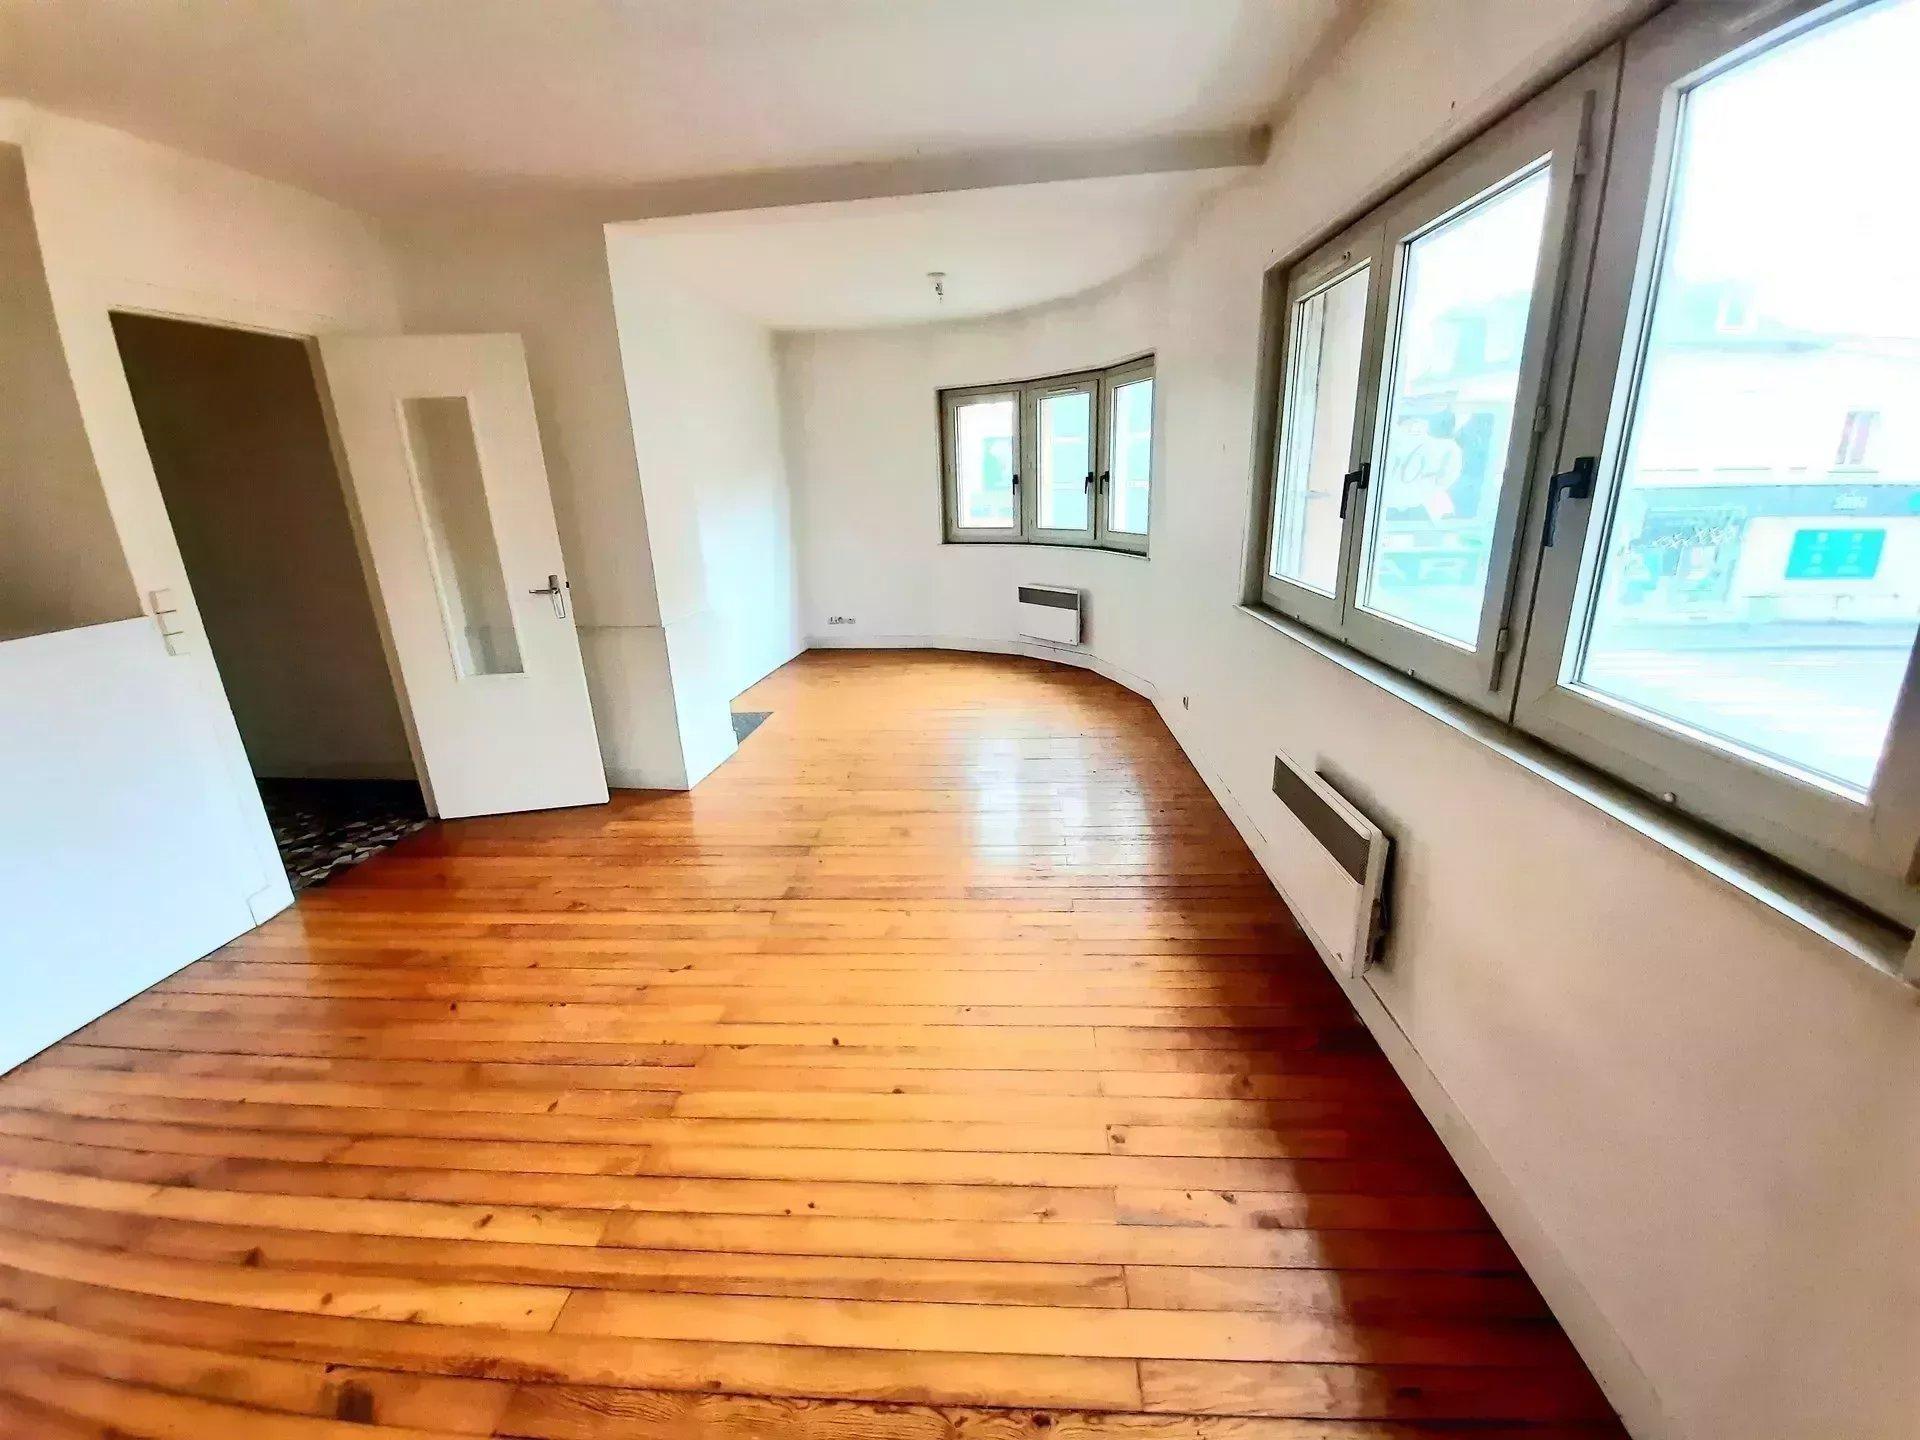 Appartement 3 pièces 56 m² avec cave